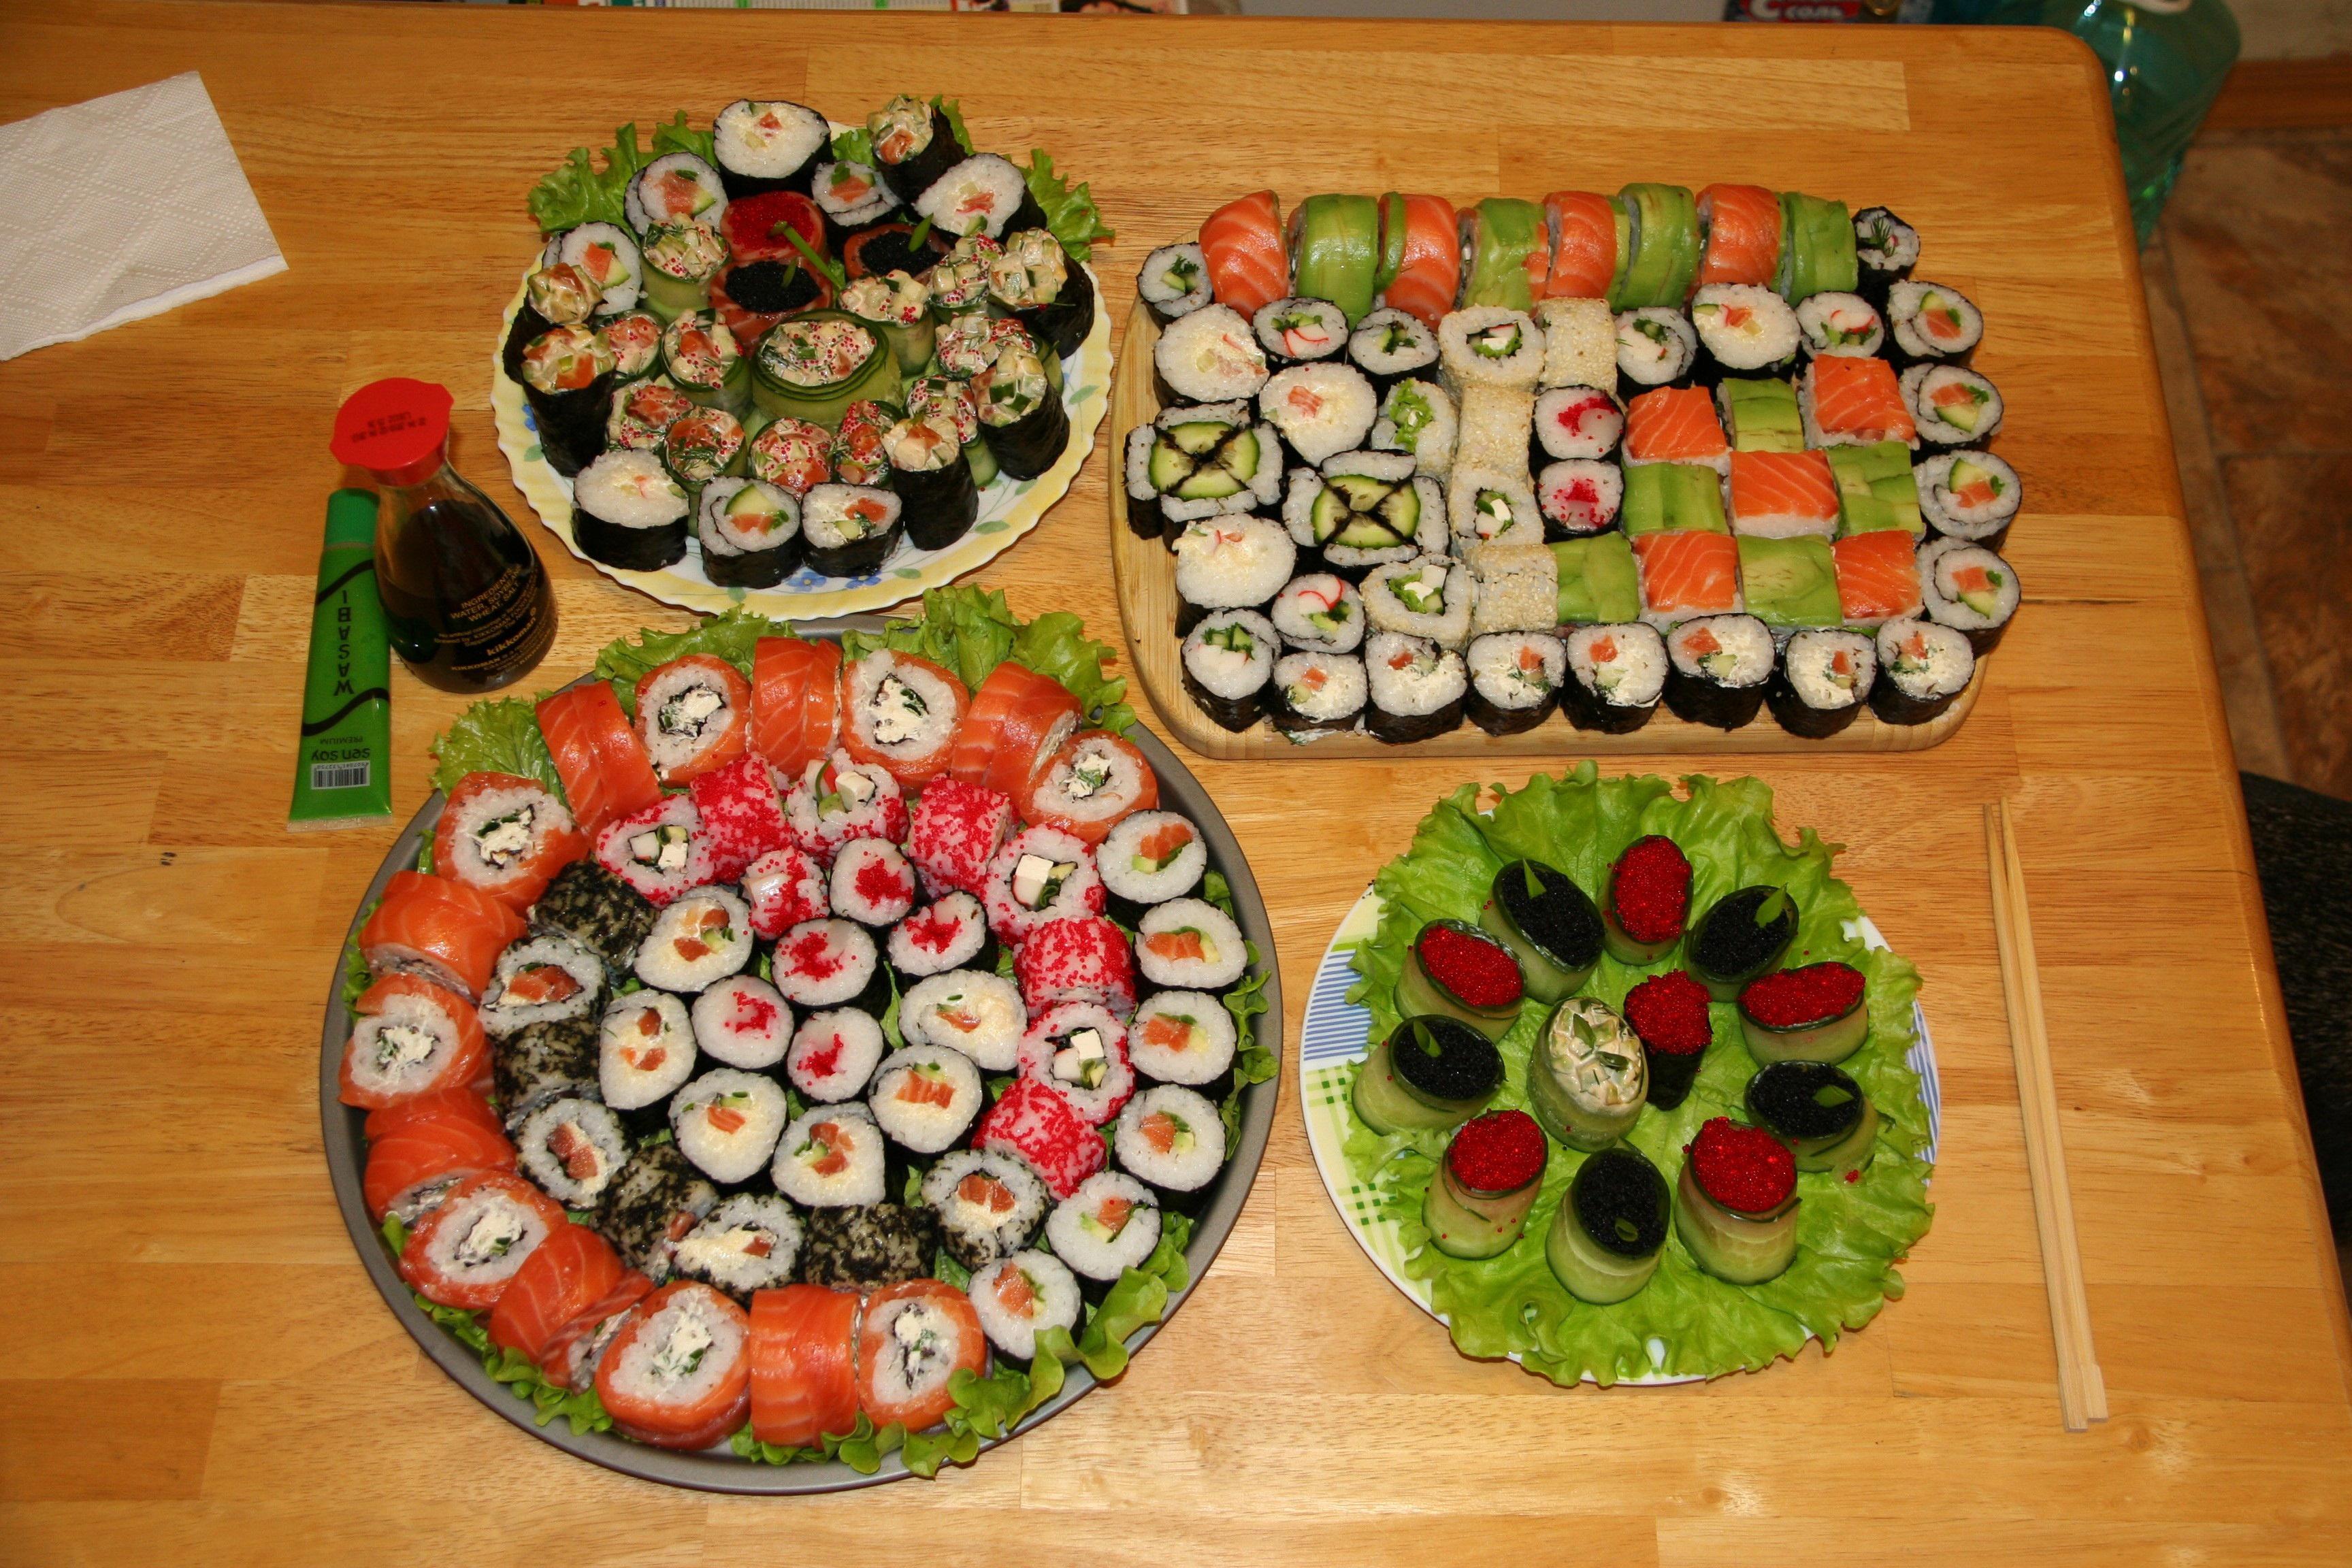 Fotos von Rogen Sushi Lebensmittel Viel 3456x2304 Kaviar Caviar das Essen